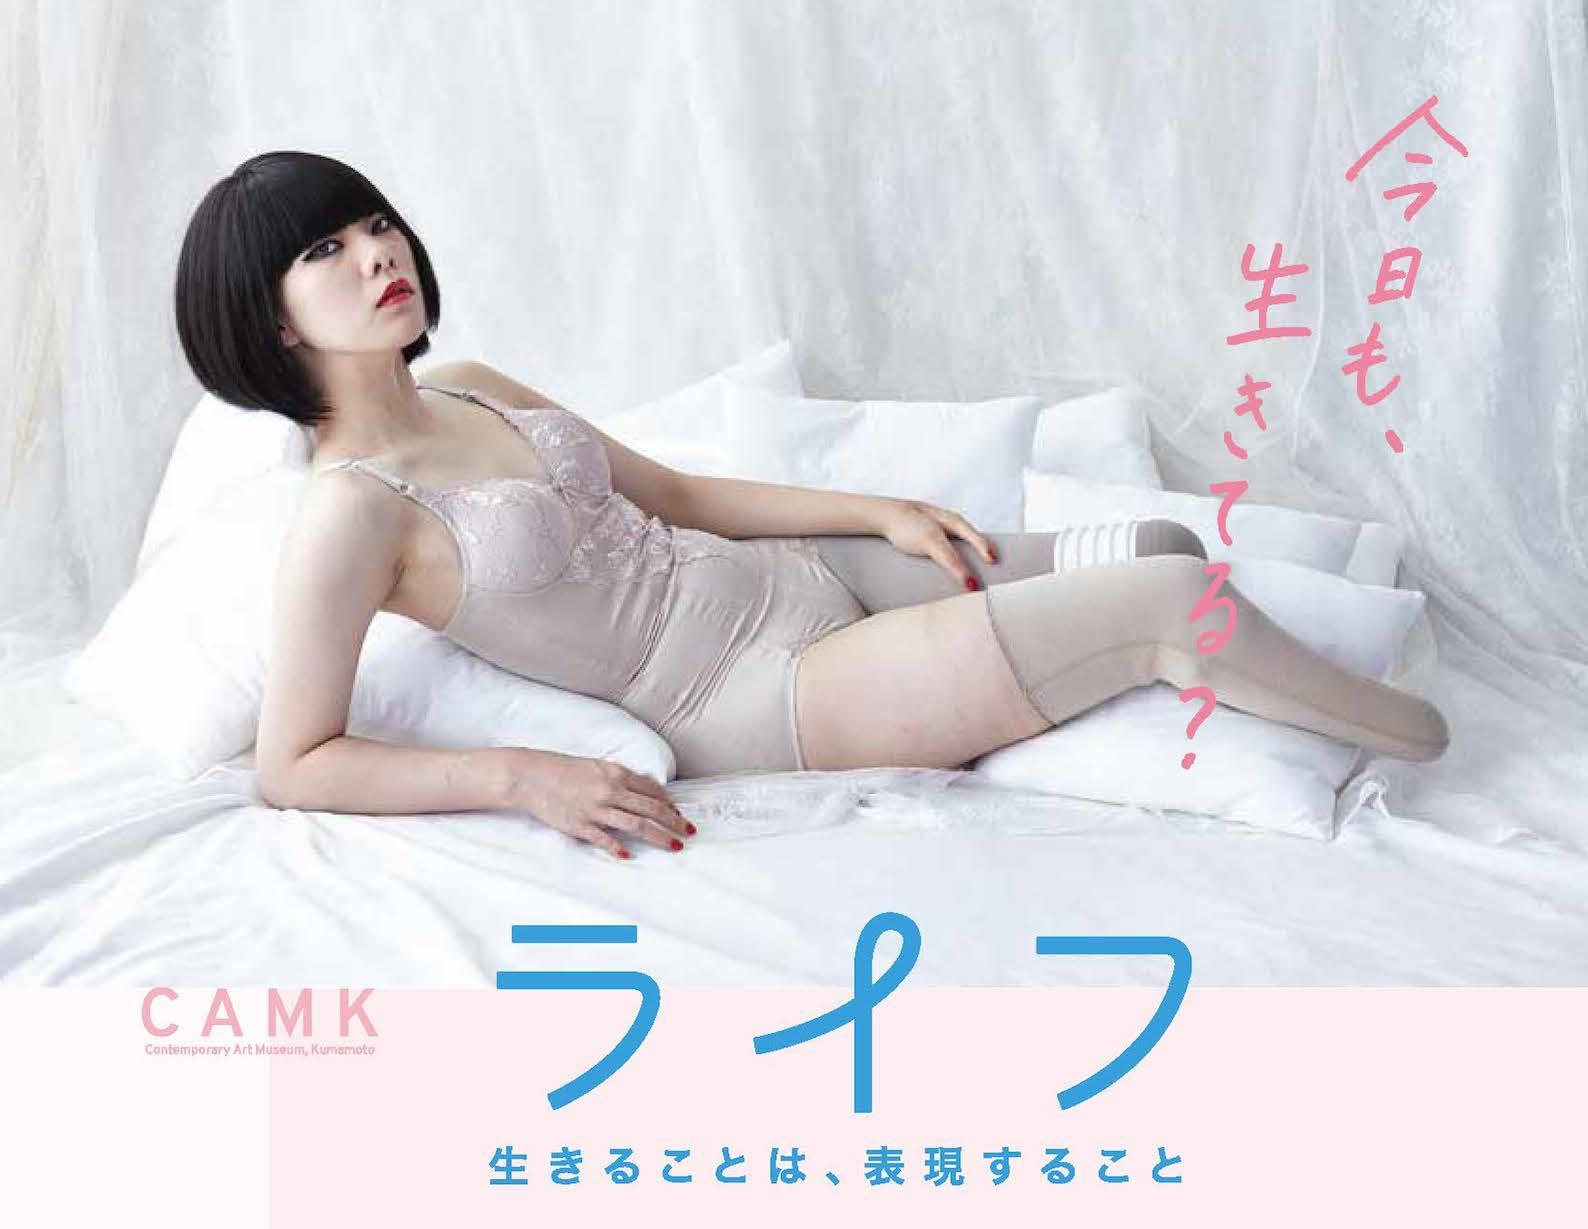 (写真について)片山真理《you're mine #001》(c)Mari Katayama, Courtesy of rin art association